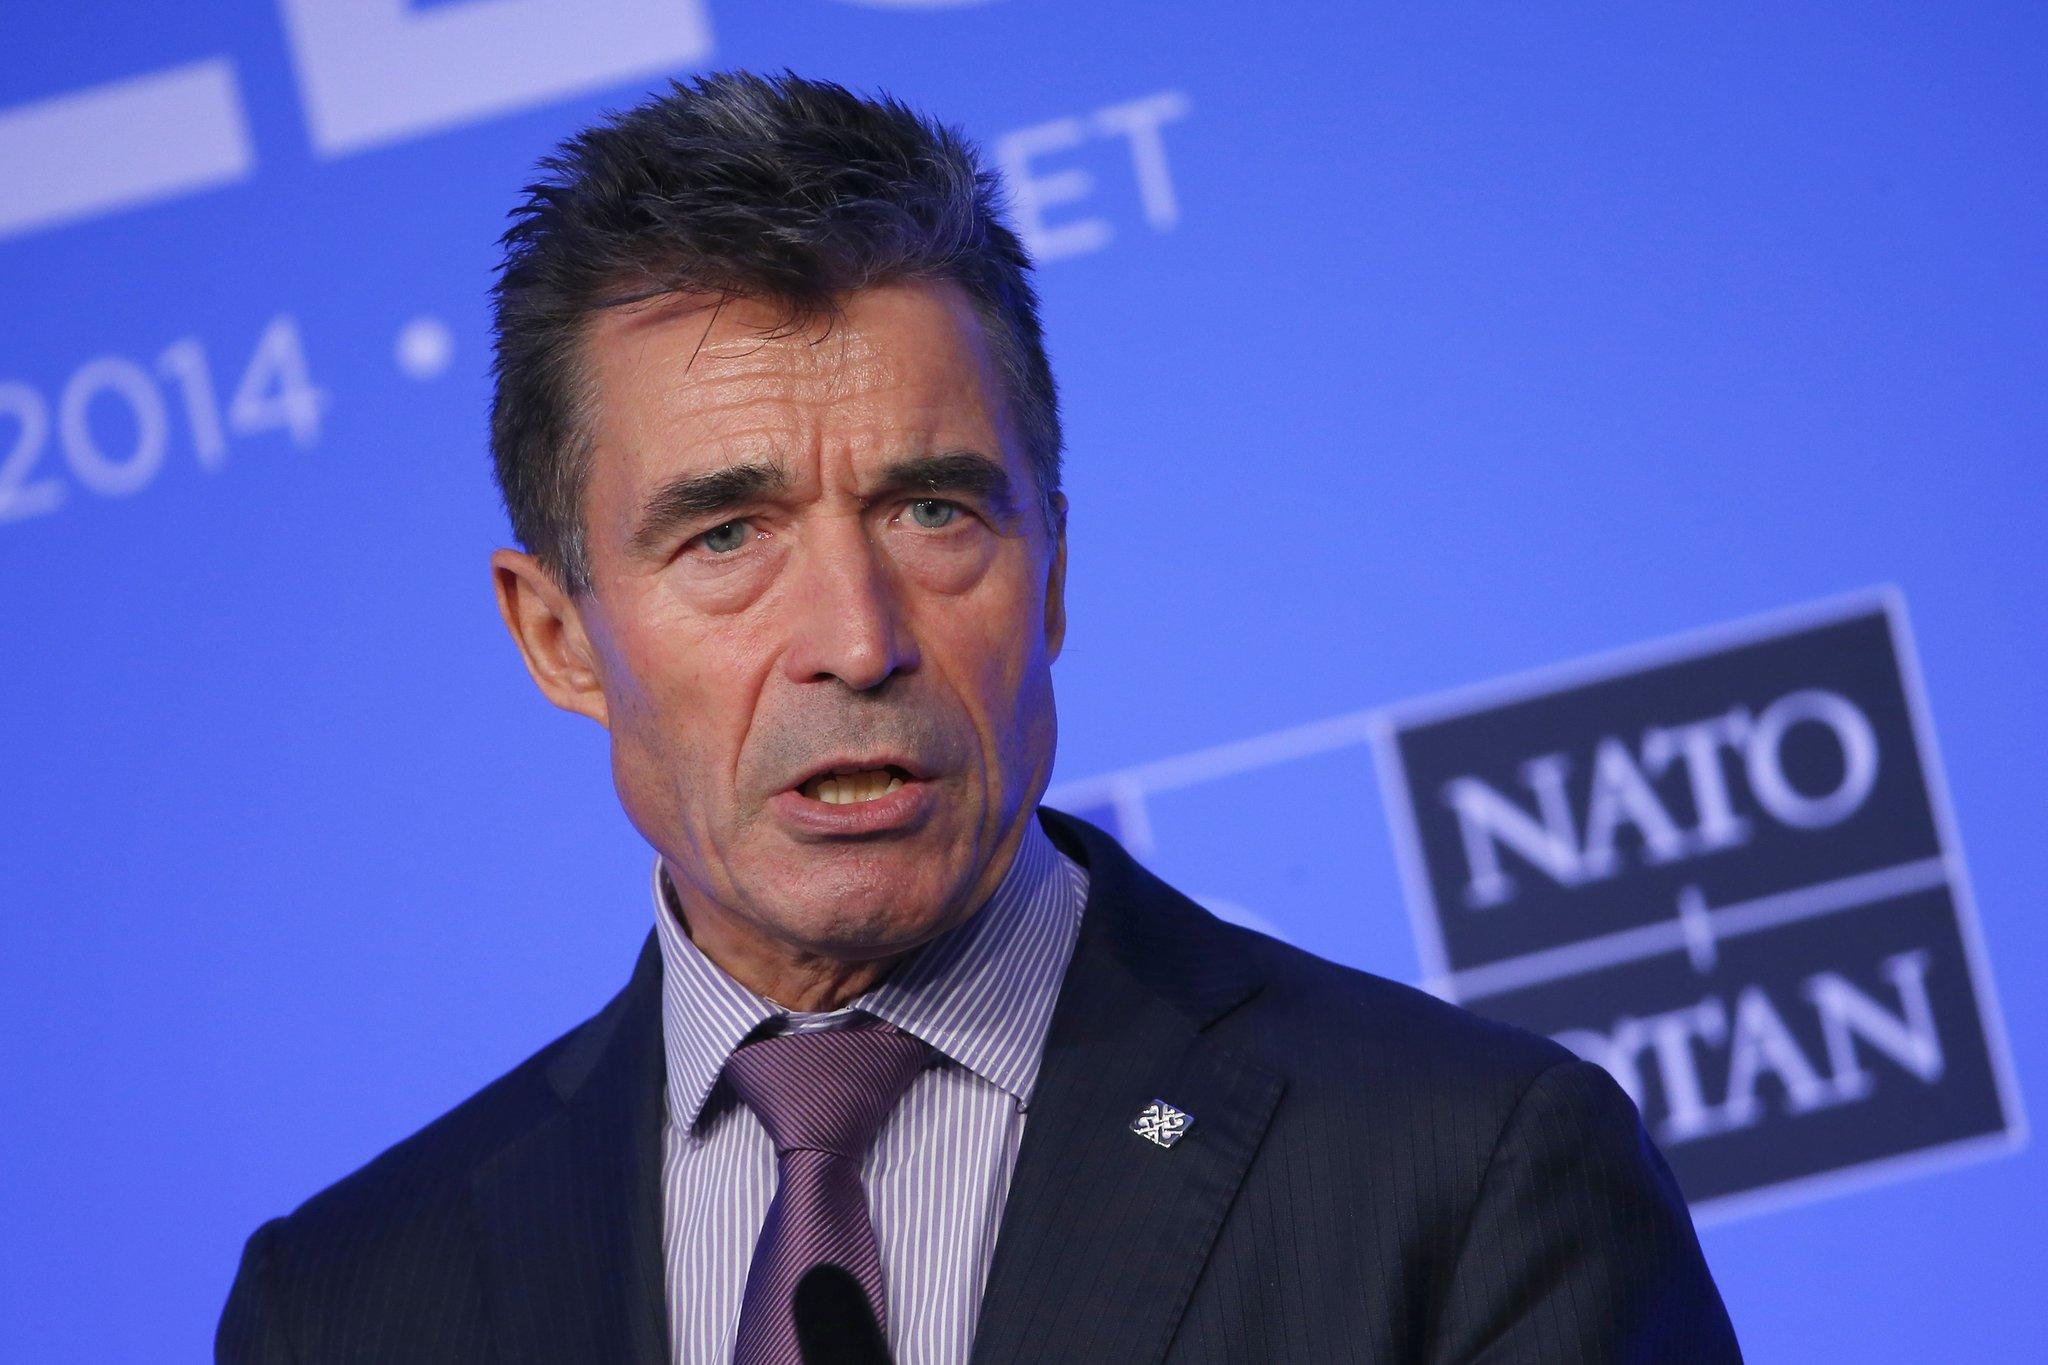 Canada and NATO, NATO and Canada